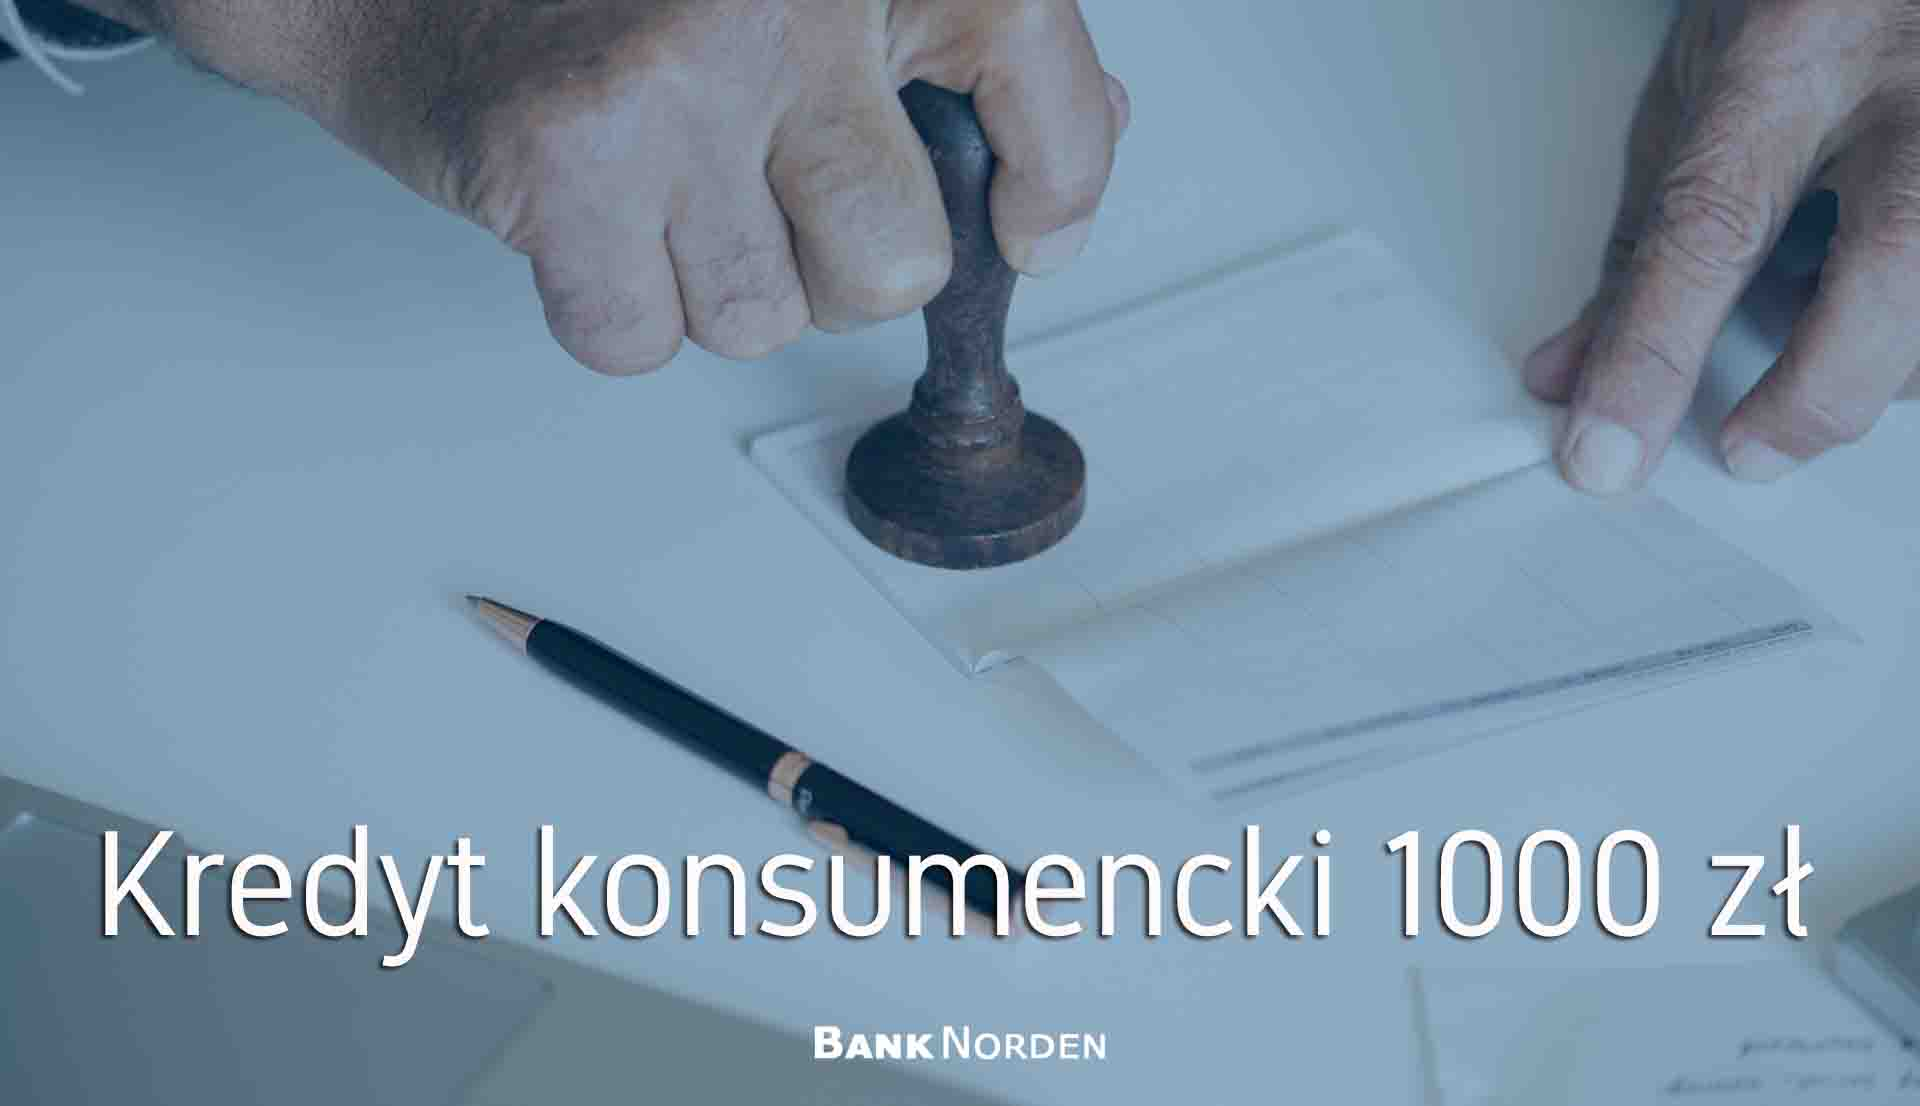 Kredyt konsumencki 1000 zł